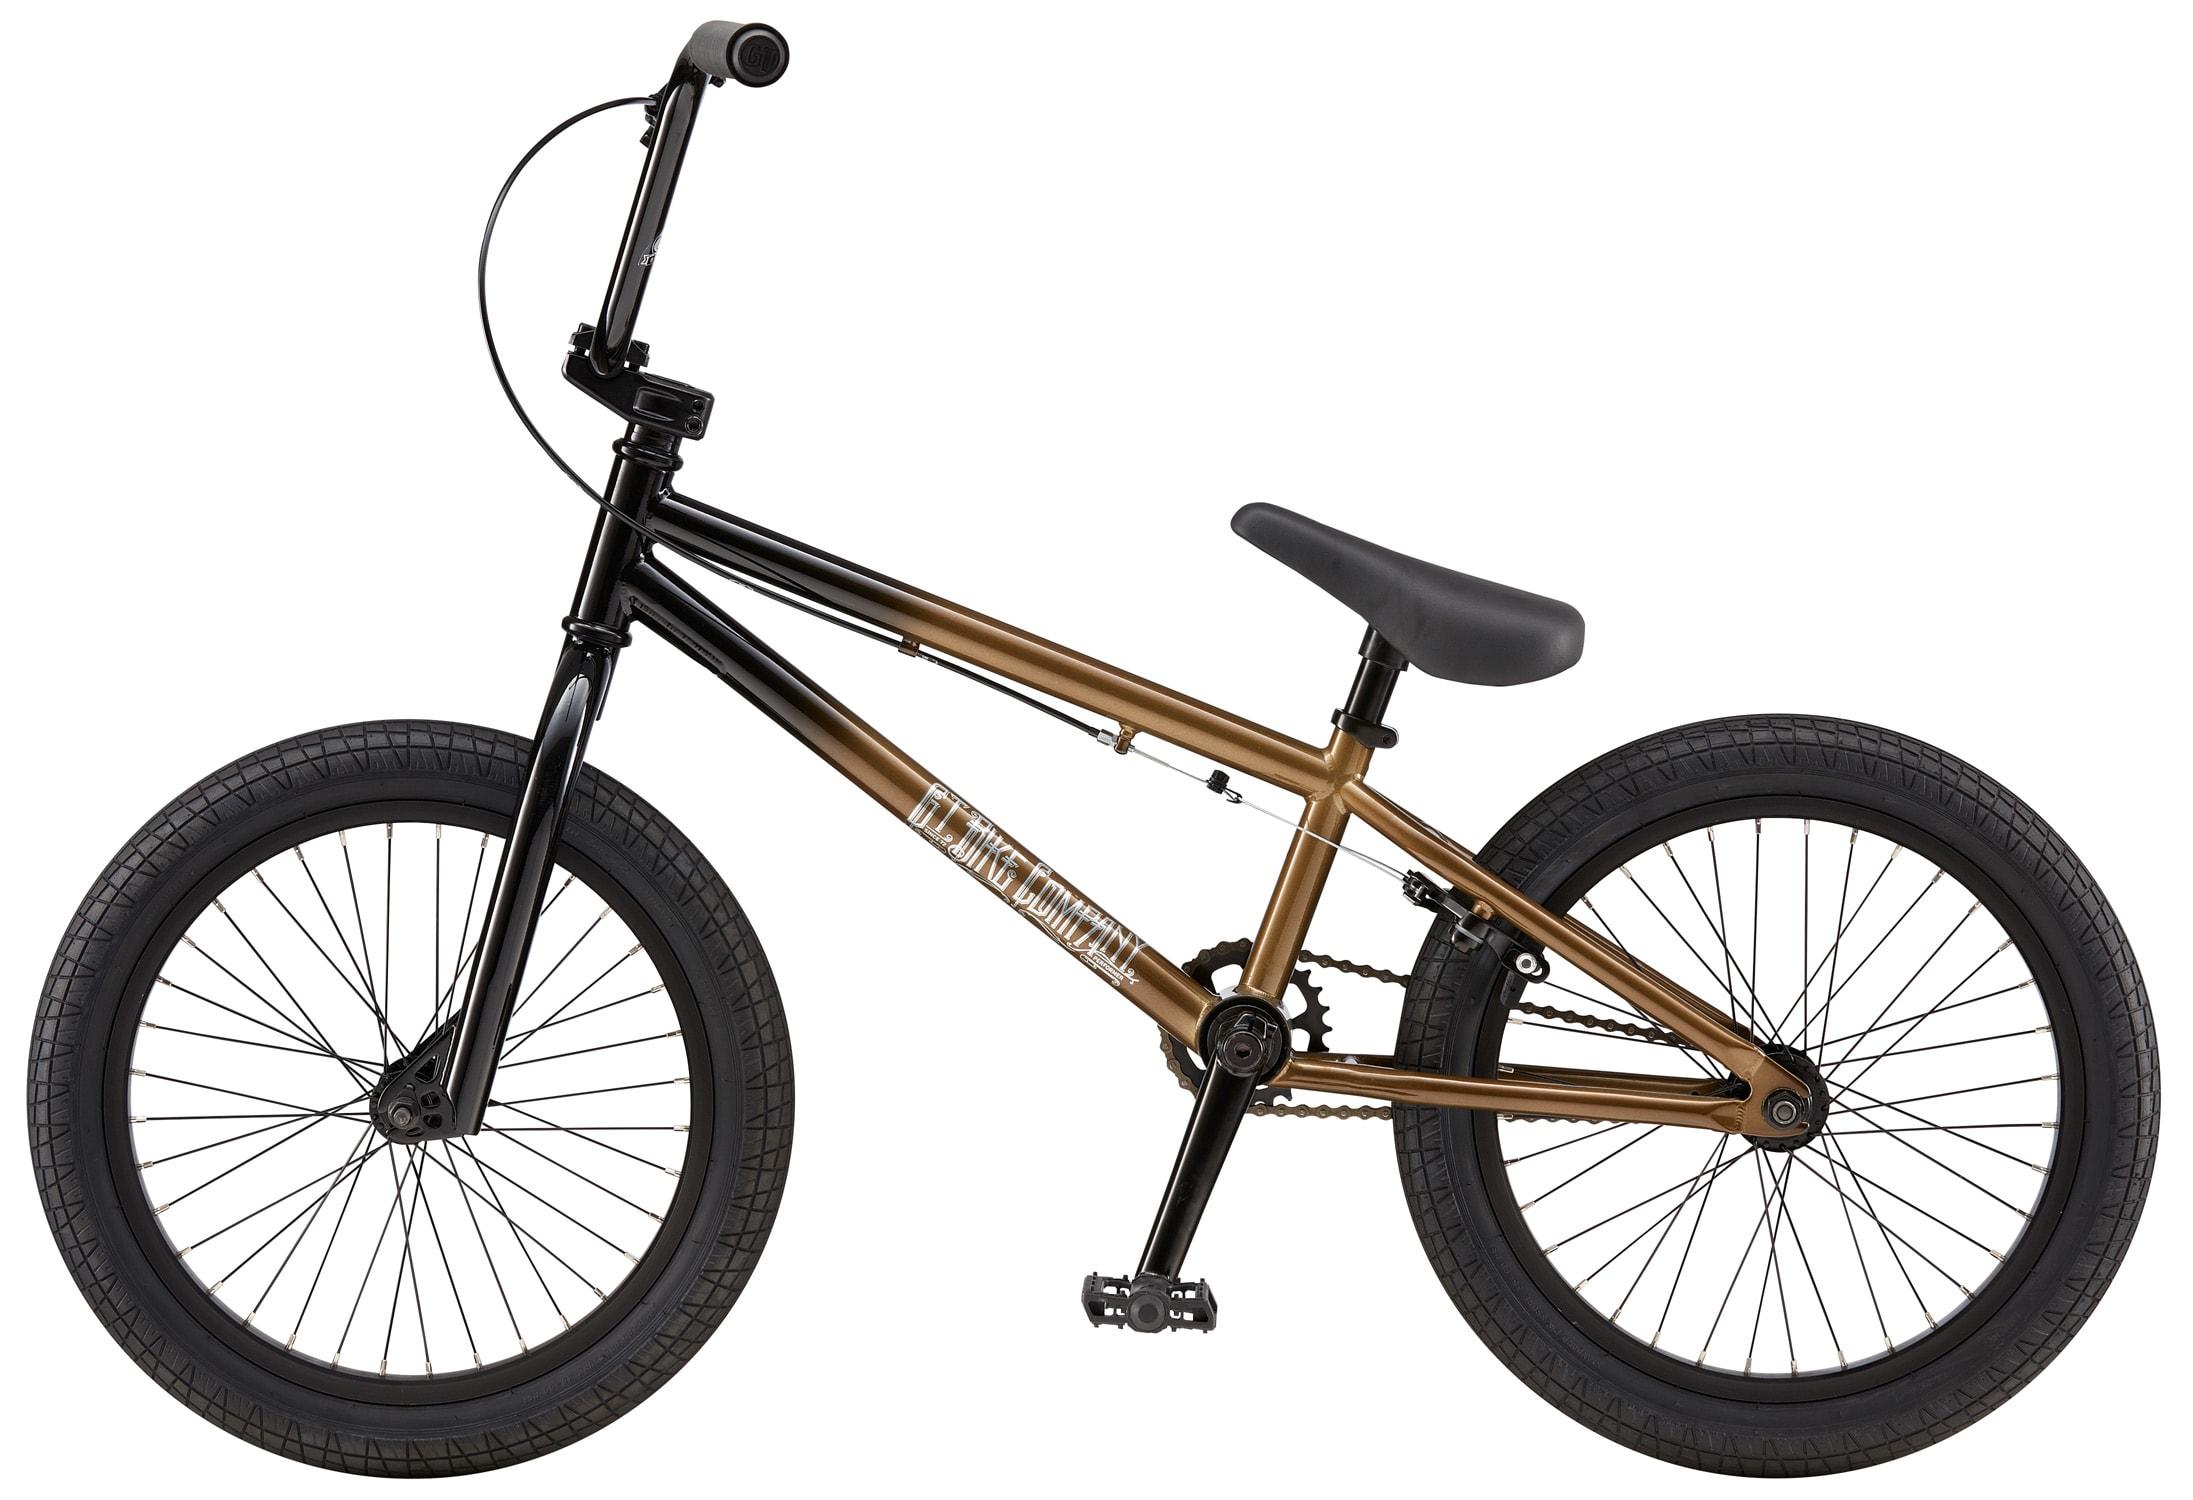 gt performer 18 bmx bike. Black Bedroom Furniture Sets. Home Design Ideas